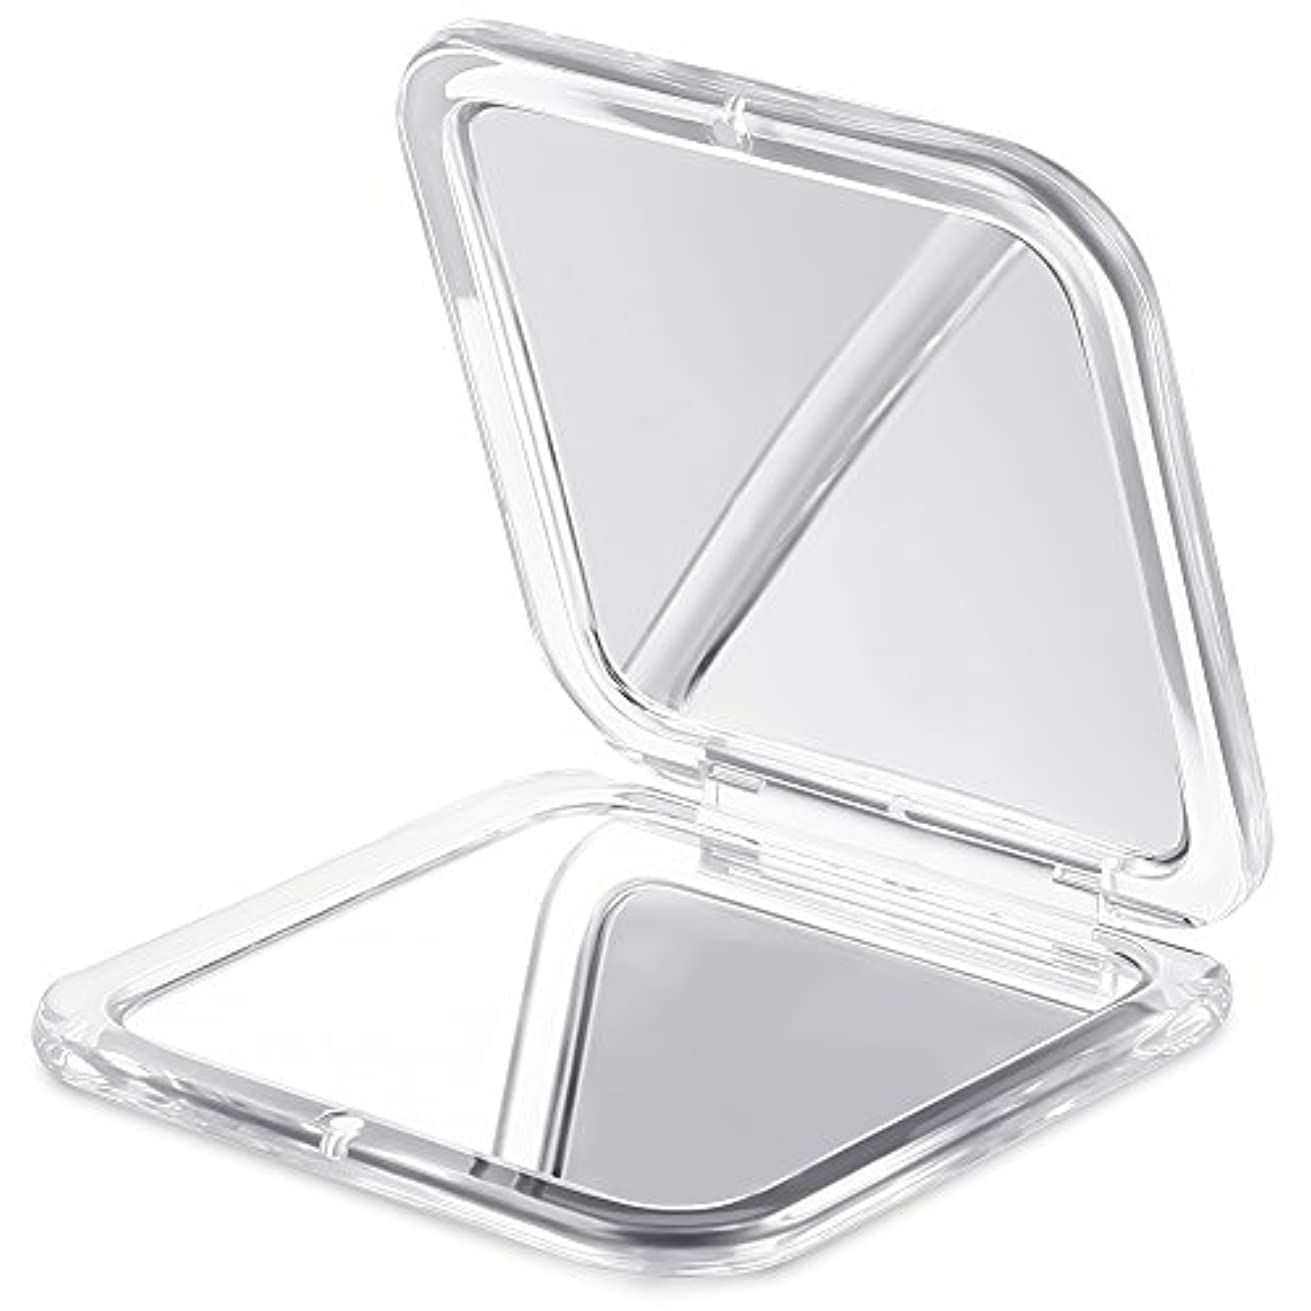 別のしてはいけないパンサーJerrybox 両面コンパクトミラー 化粧鏡 拡大鏡 5倍拡大+等倍鏡 折りたたみ式 コンパクト鏡 携帯ミラー 外出に